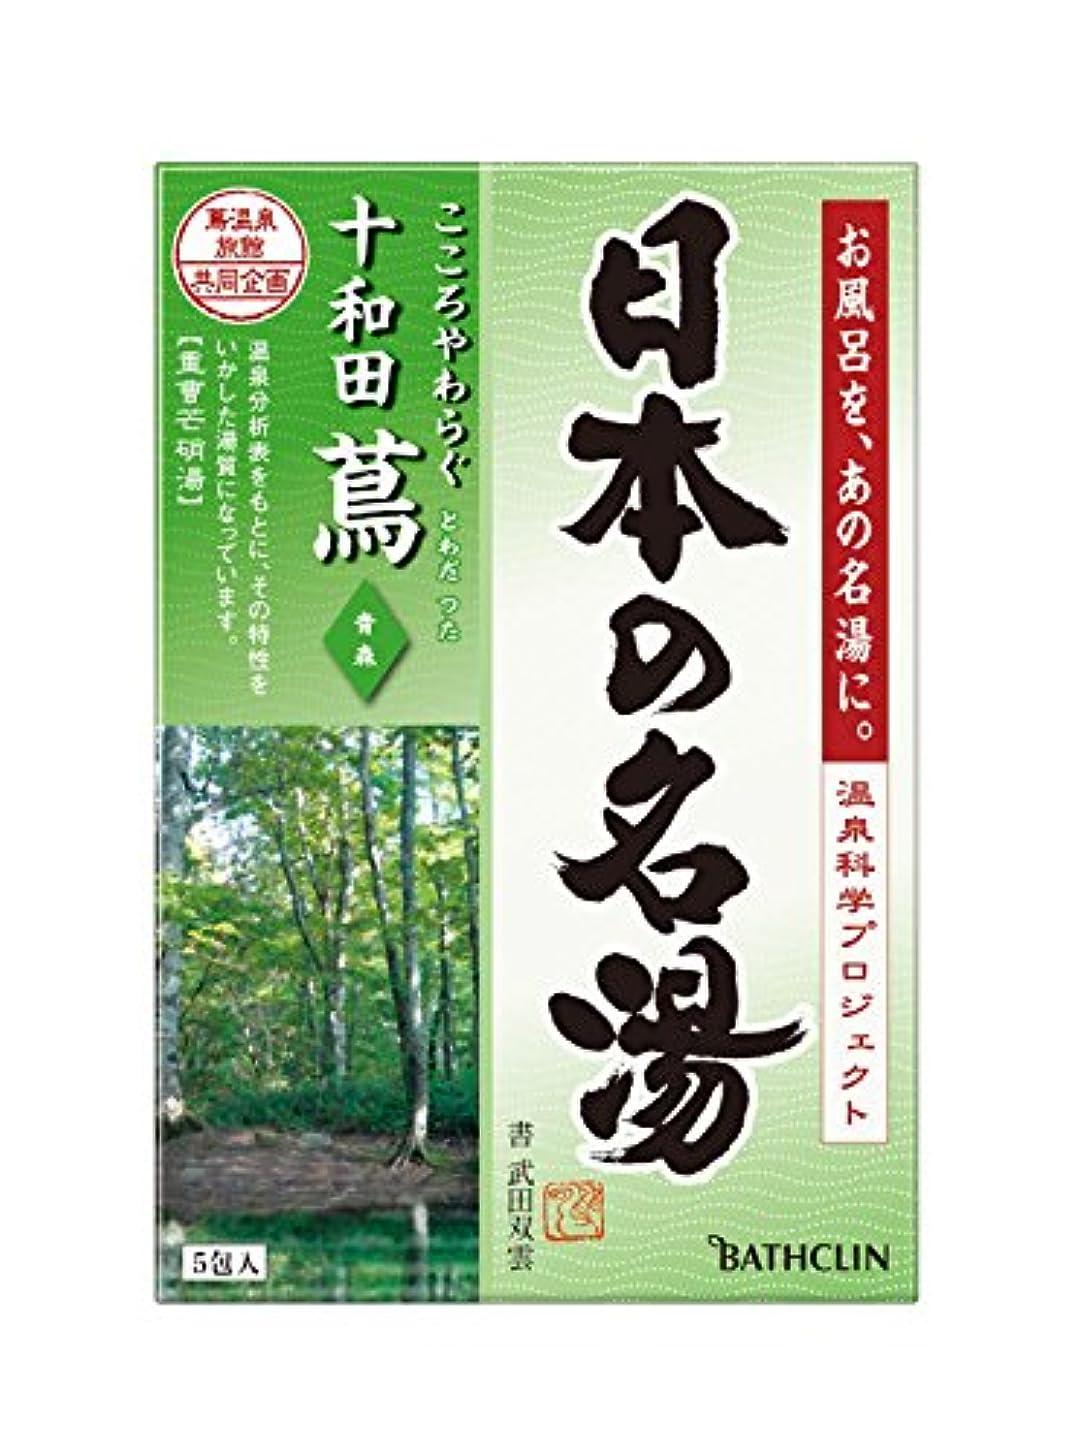 【医薬部外品】日本の名湯入浴剤 十和田蔦(青森)30g ×5包 にごりタイプ 個包装 温泉タイプ